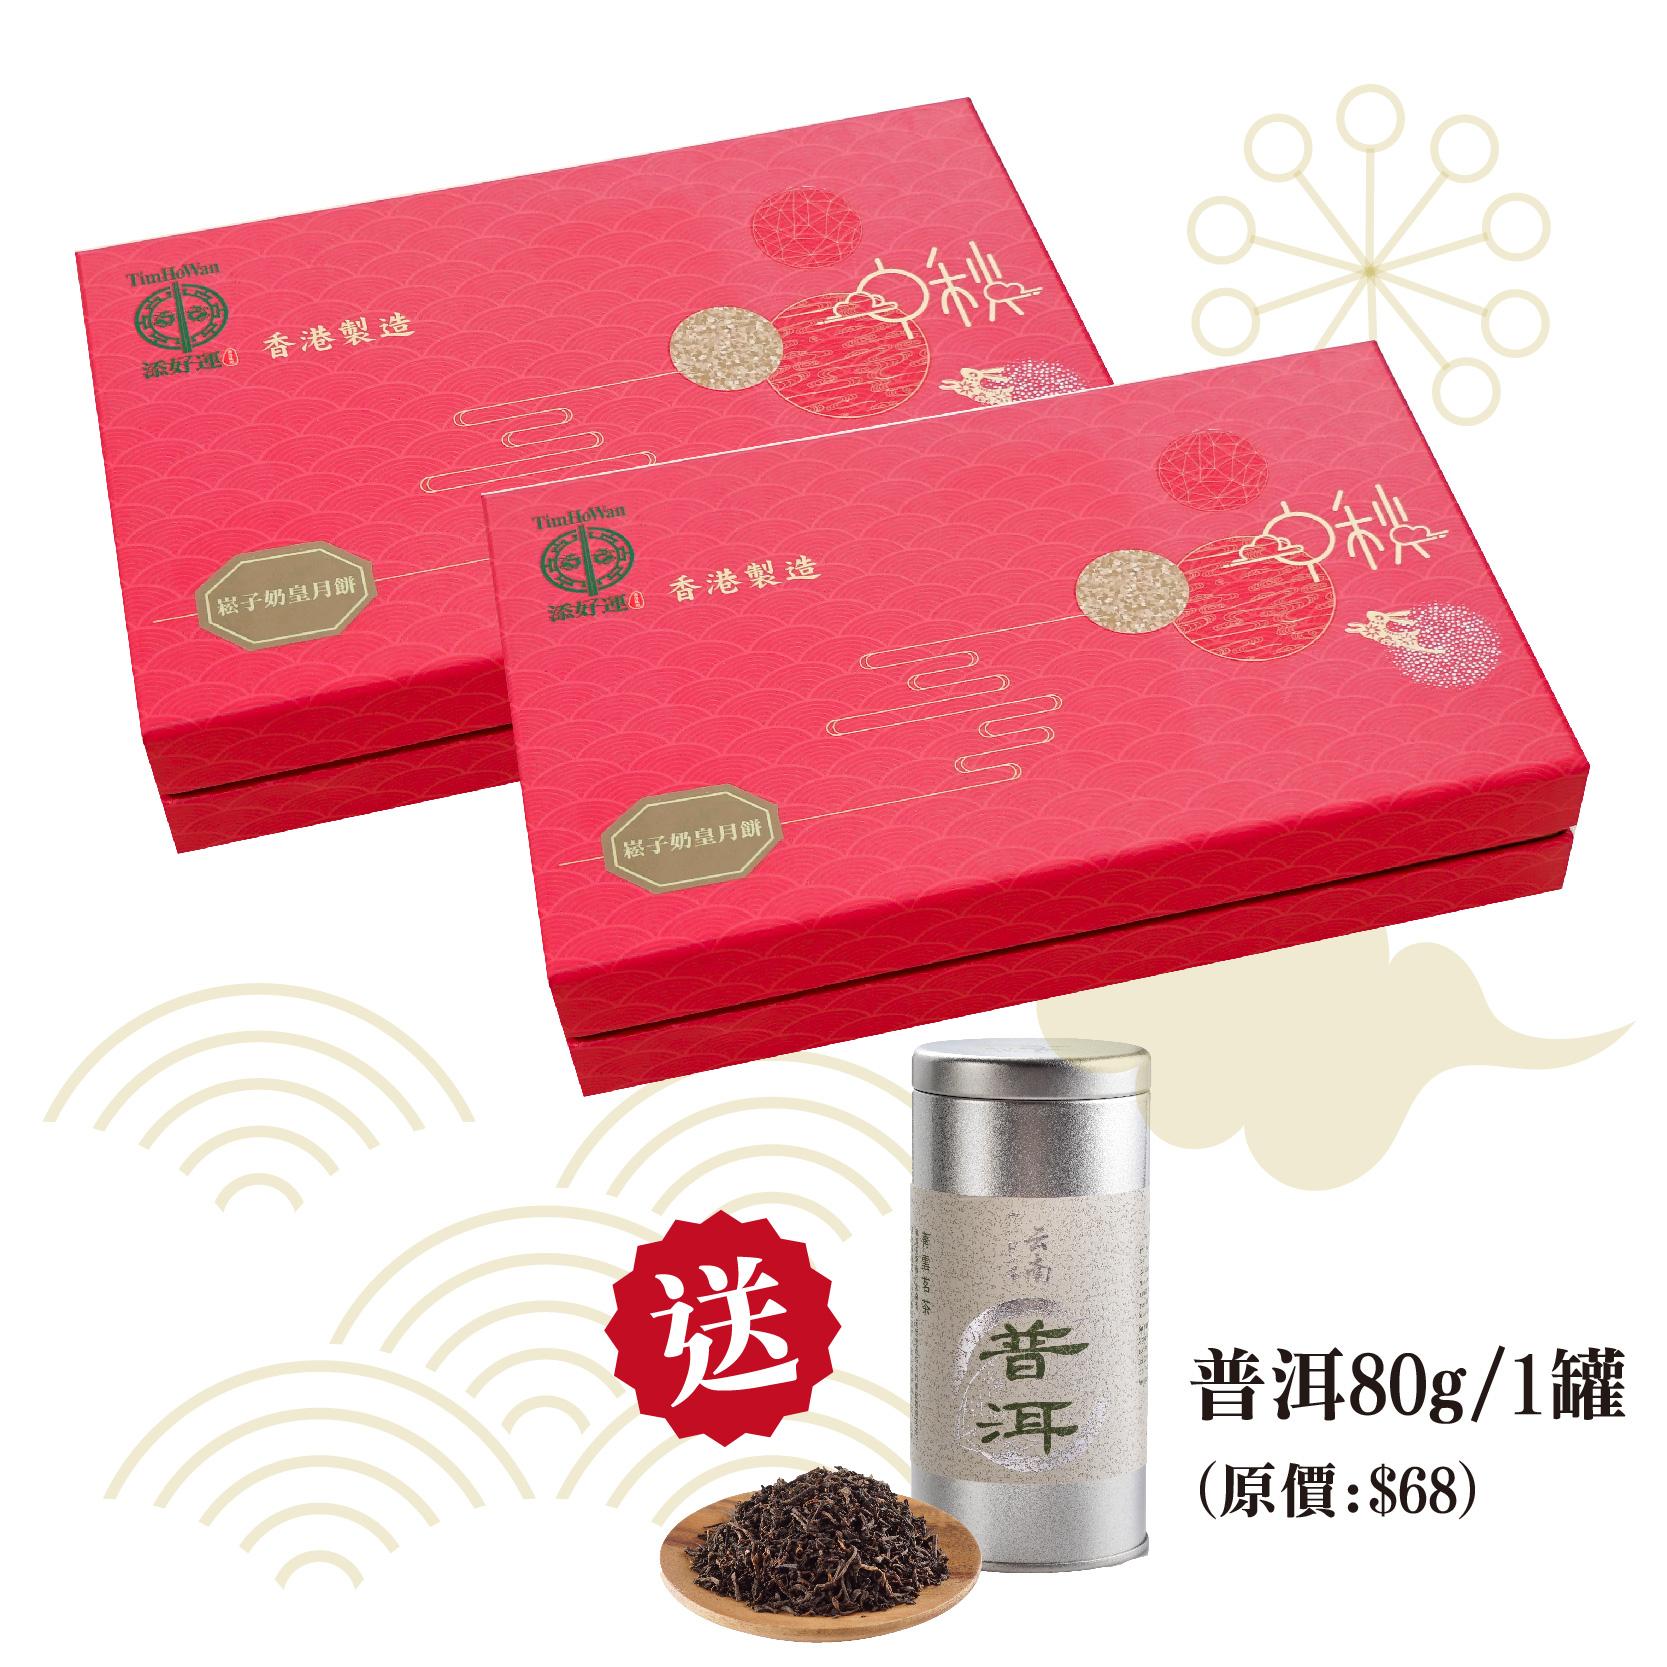 添好運 崧子奶皇月餅X 2 (現貨),送雲南普洱80g 1罐